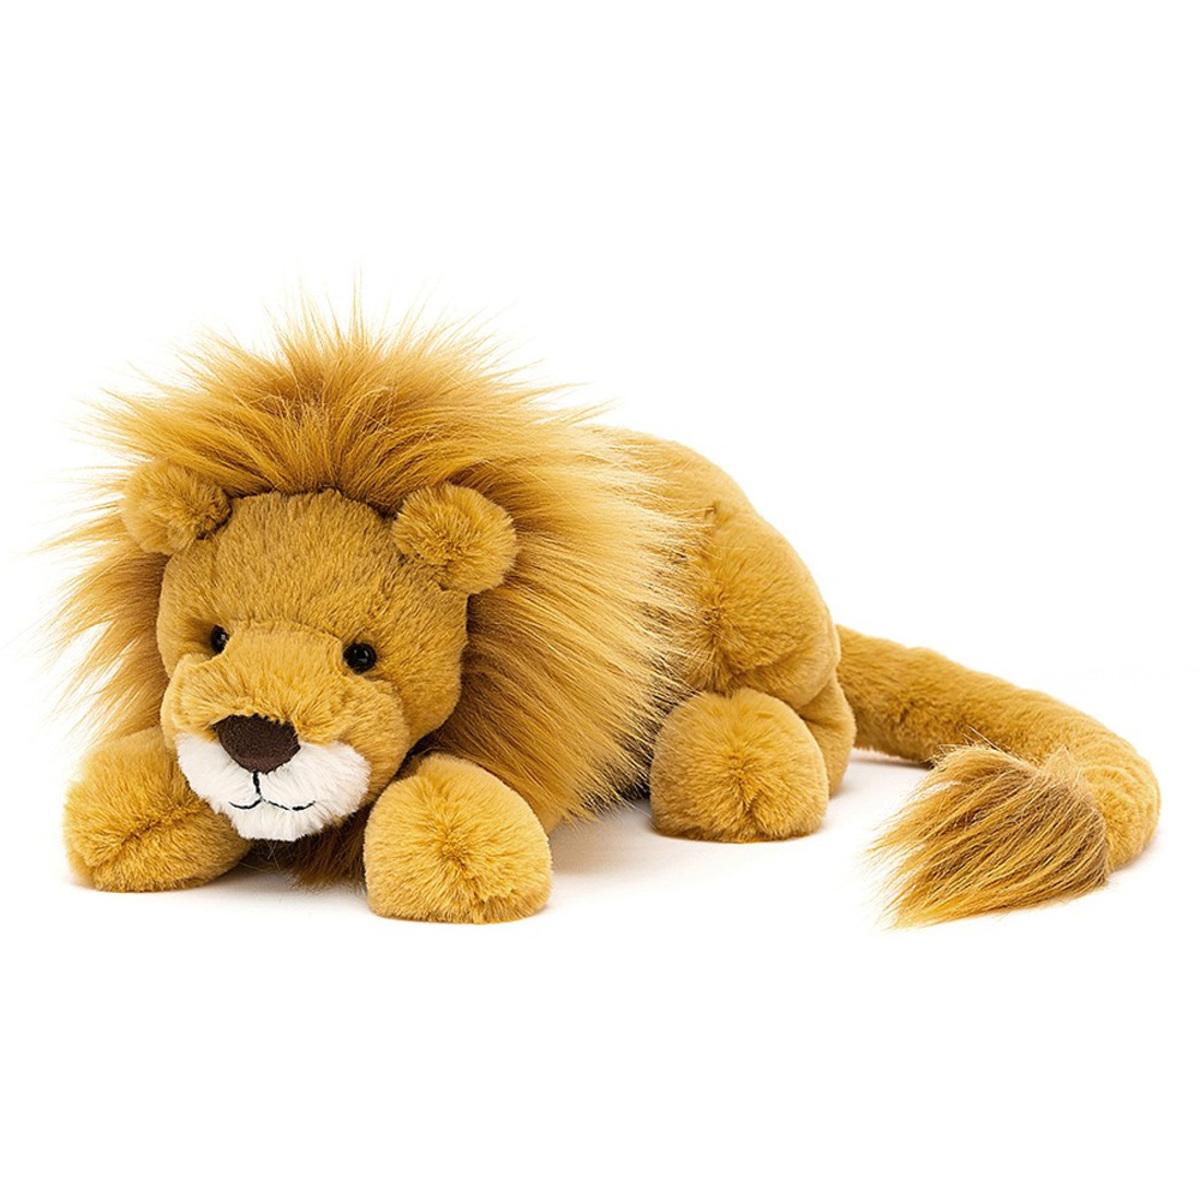 Peluche Louie Lion - Medium Peluche Lion 27 cm